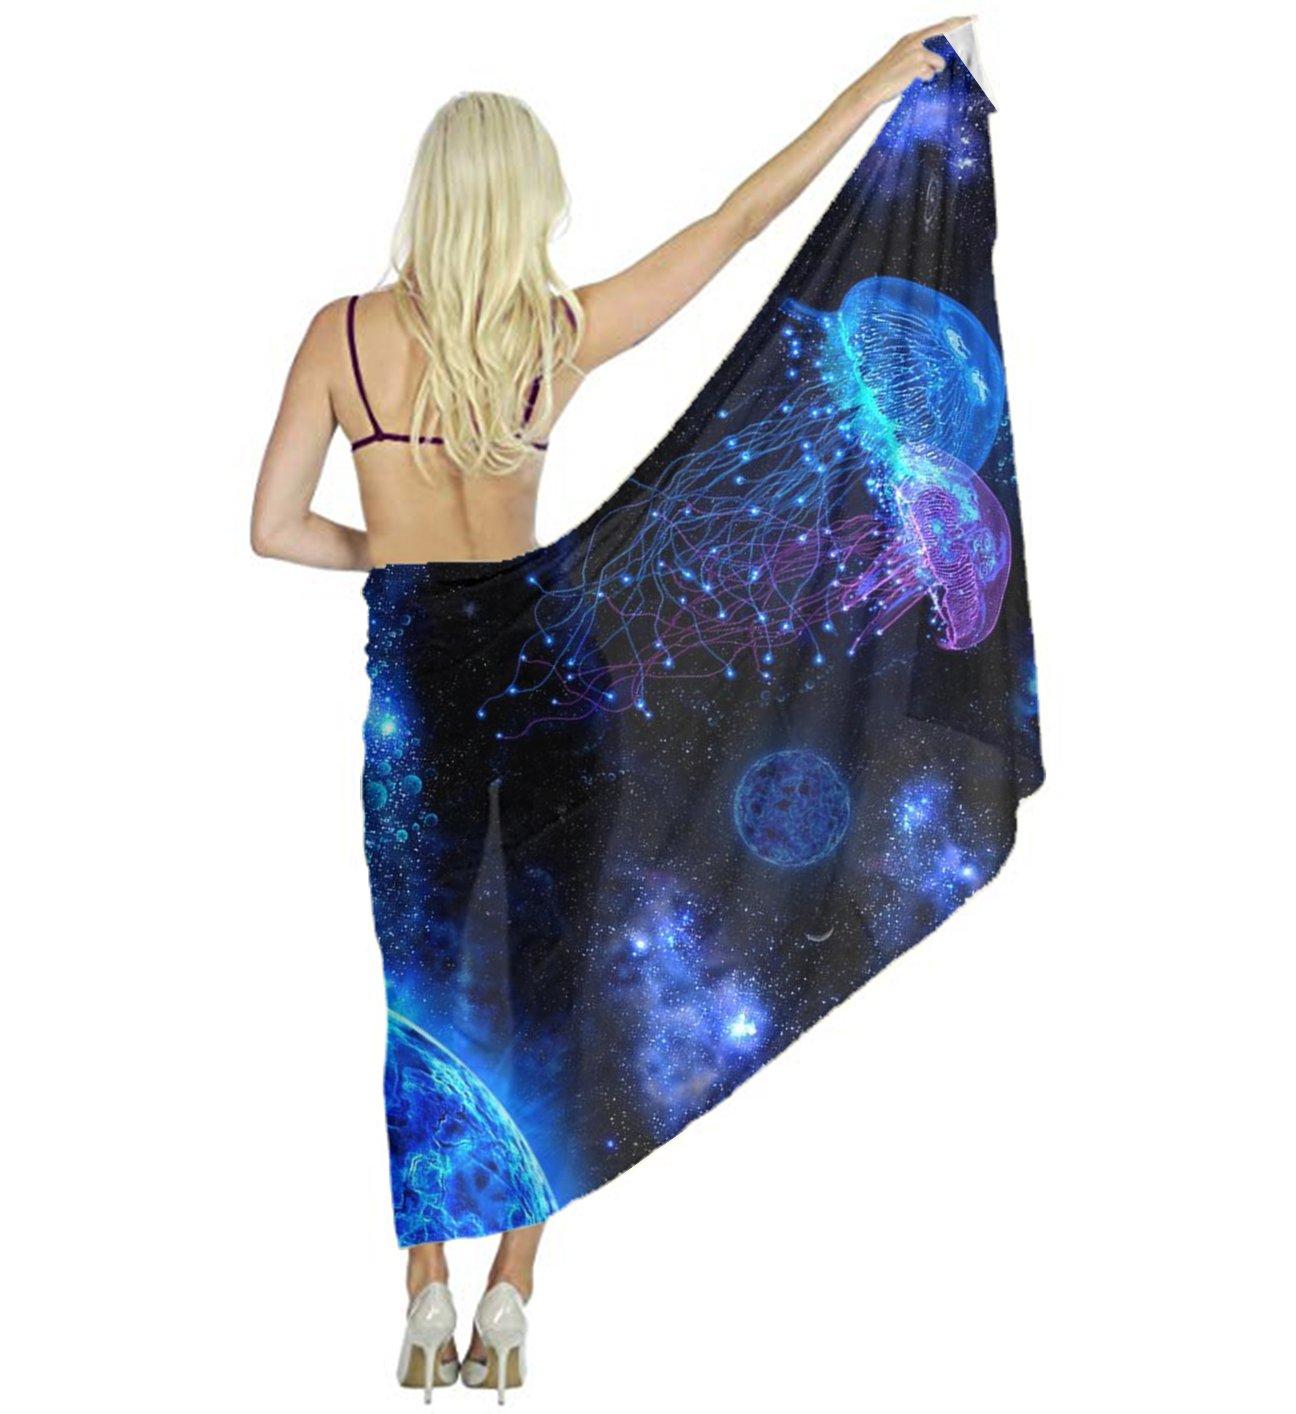 Lightweight Party Scarf, Fashion Cosmic Galaxy Under Sea Ocean Jellyfish Shawl Wraps for Women Girls